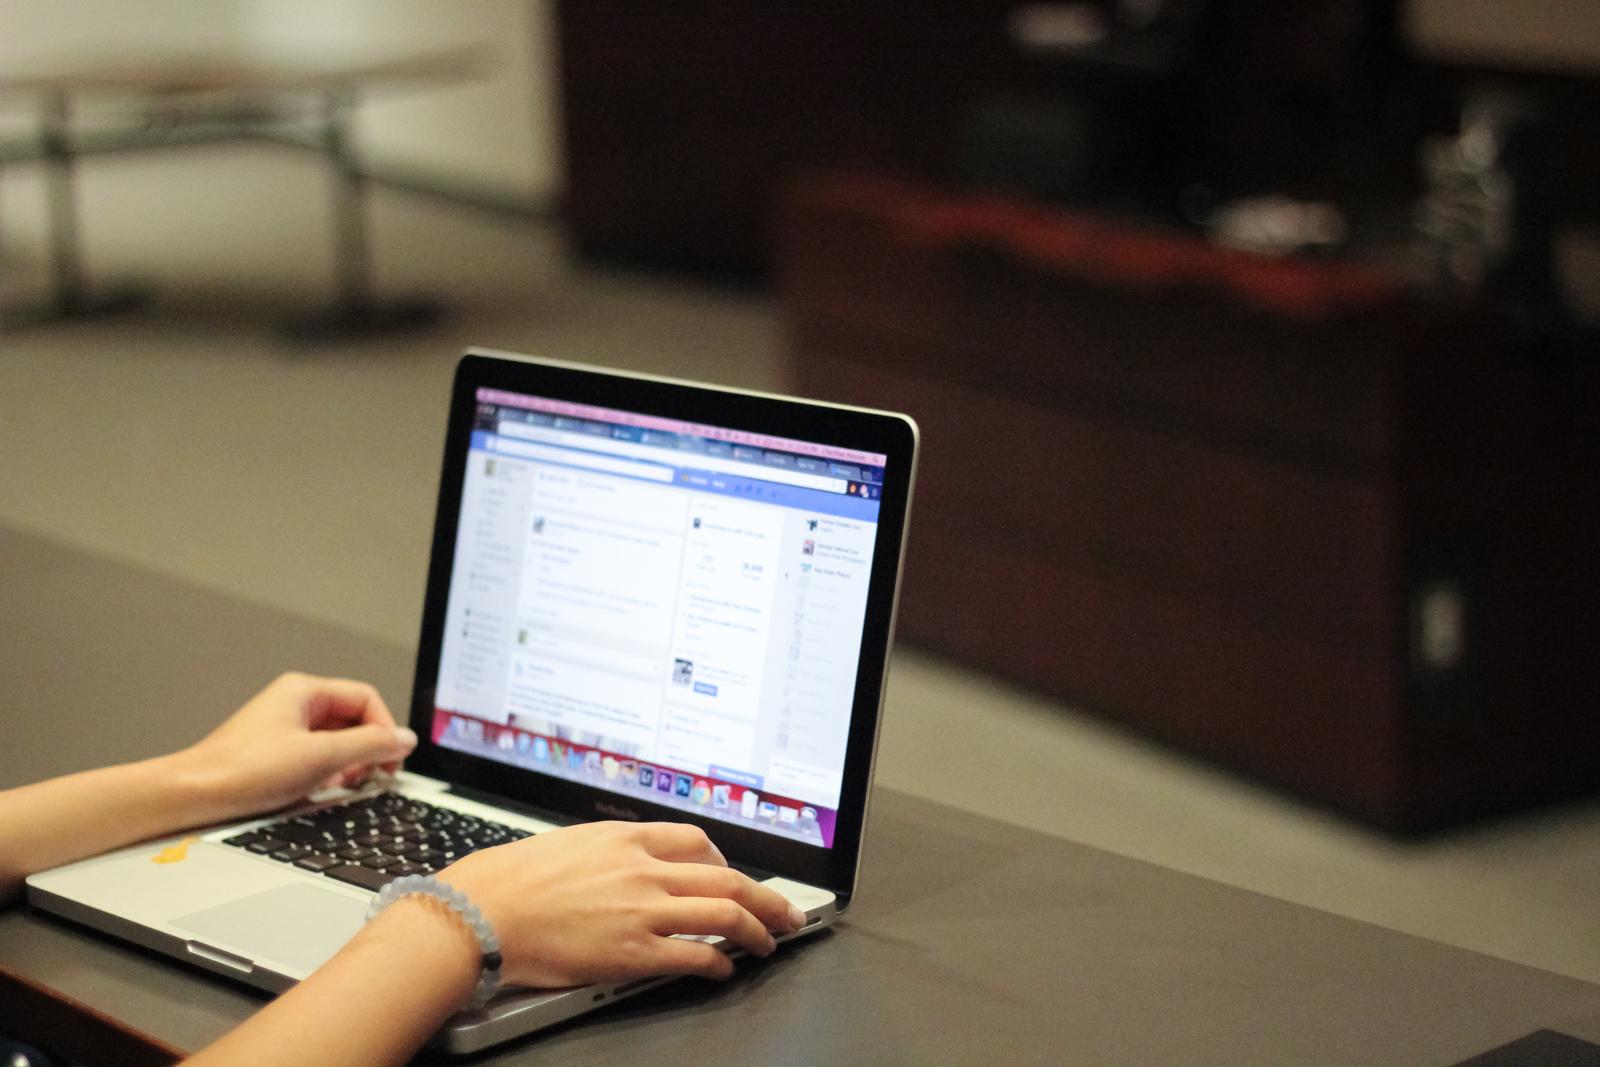 تمرین آموزش آنلاین مکالمه پیشرفته زبان انگلیسی